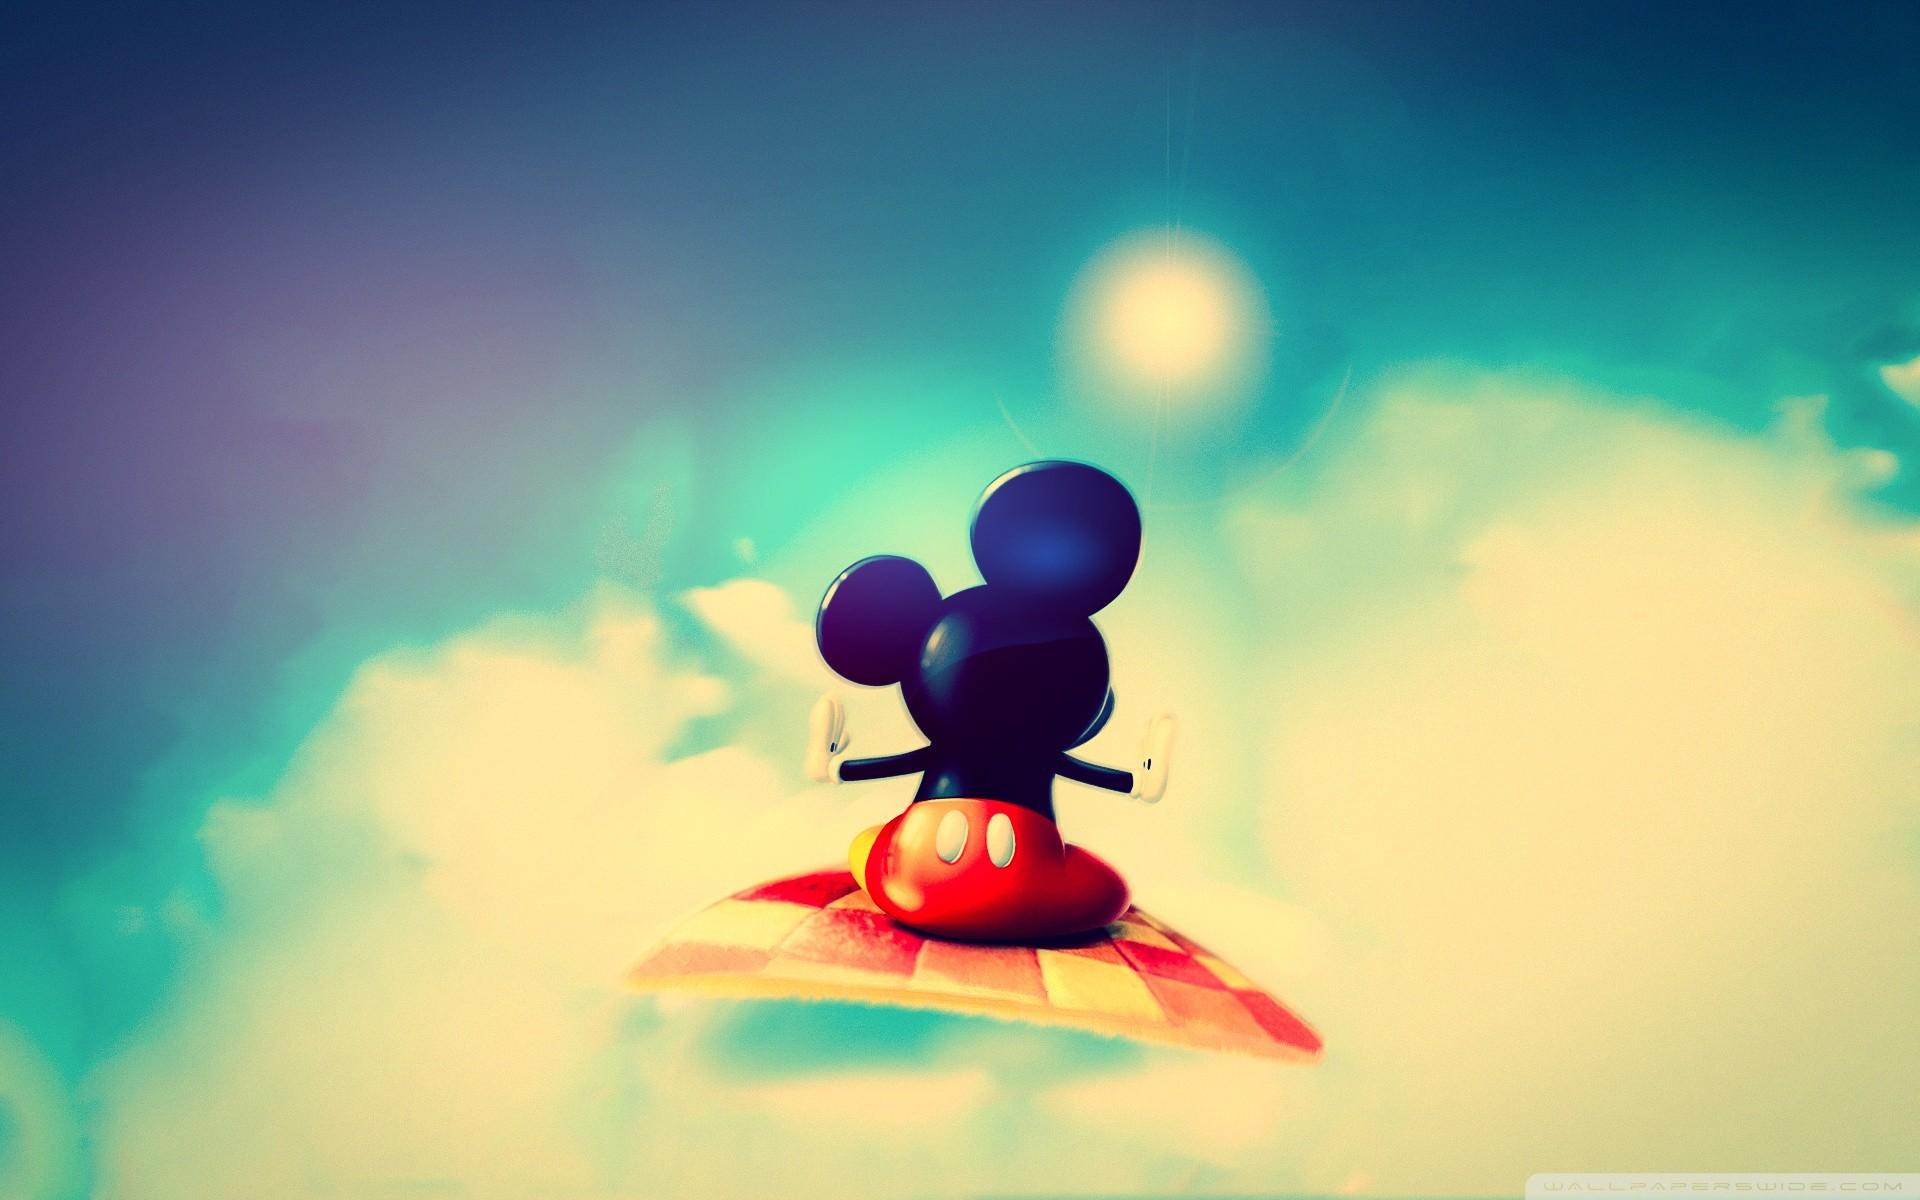 Cute Disney Screensavers